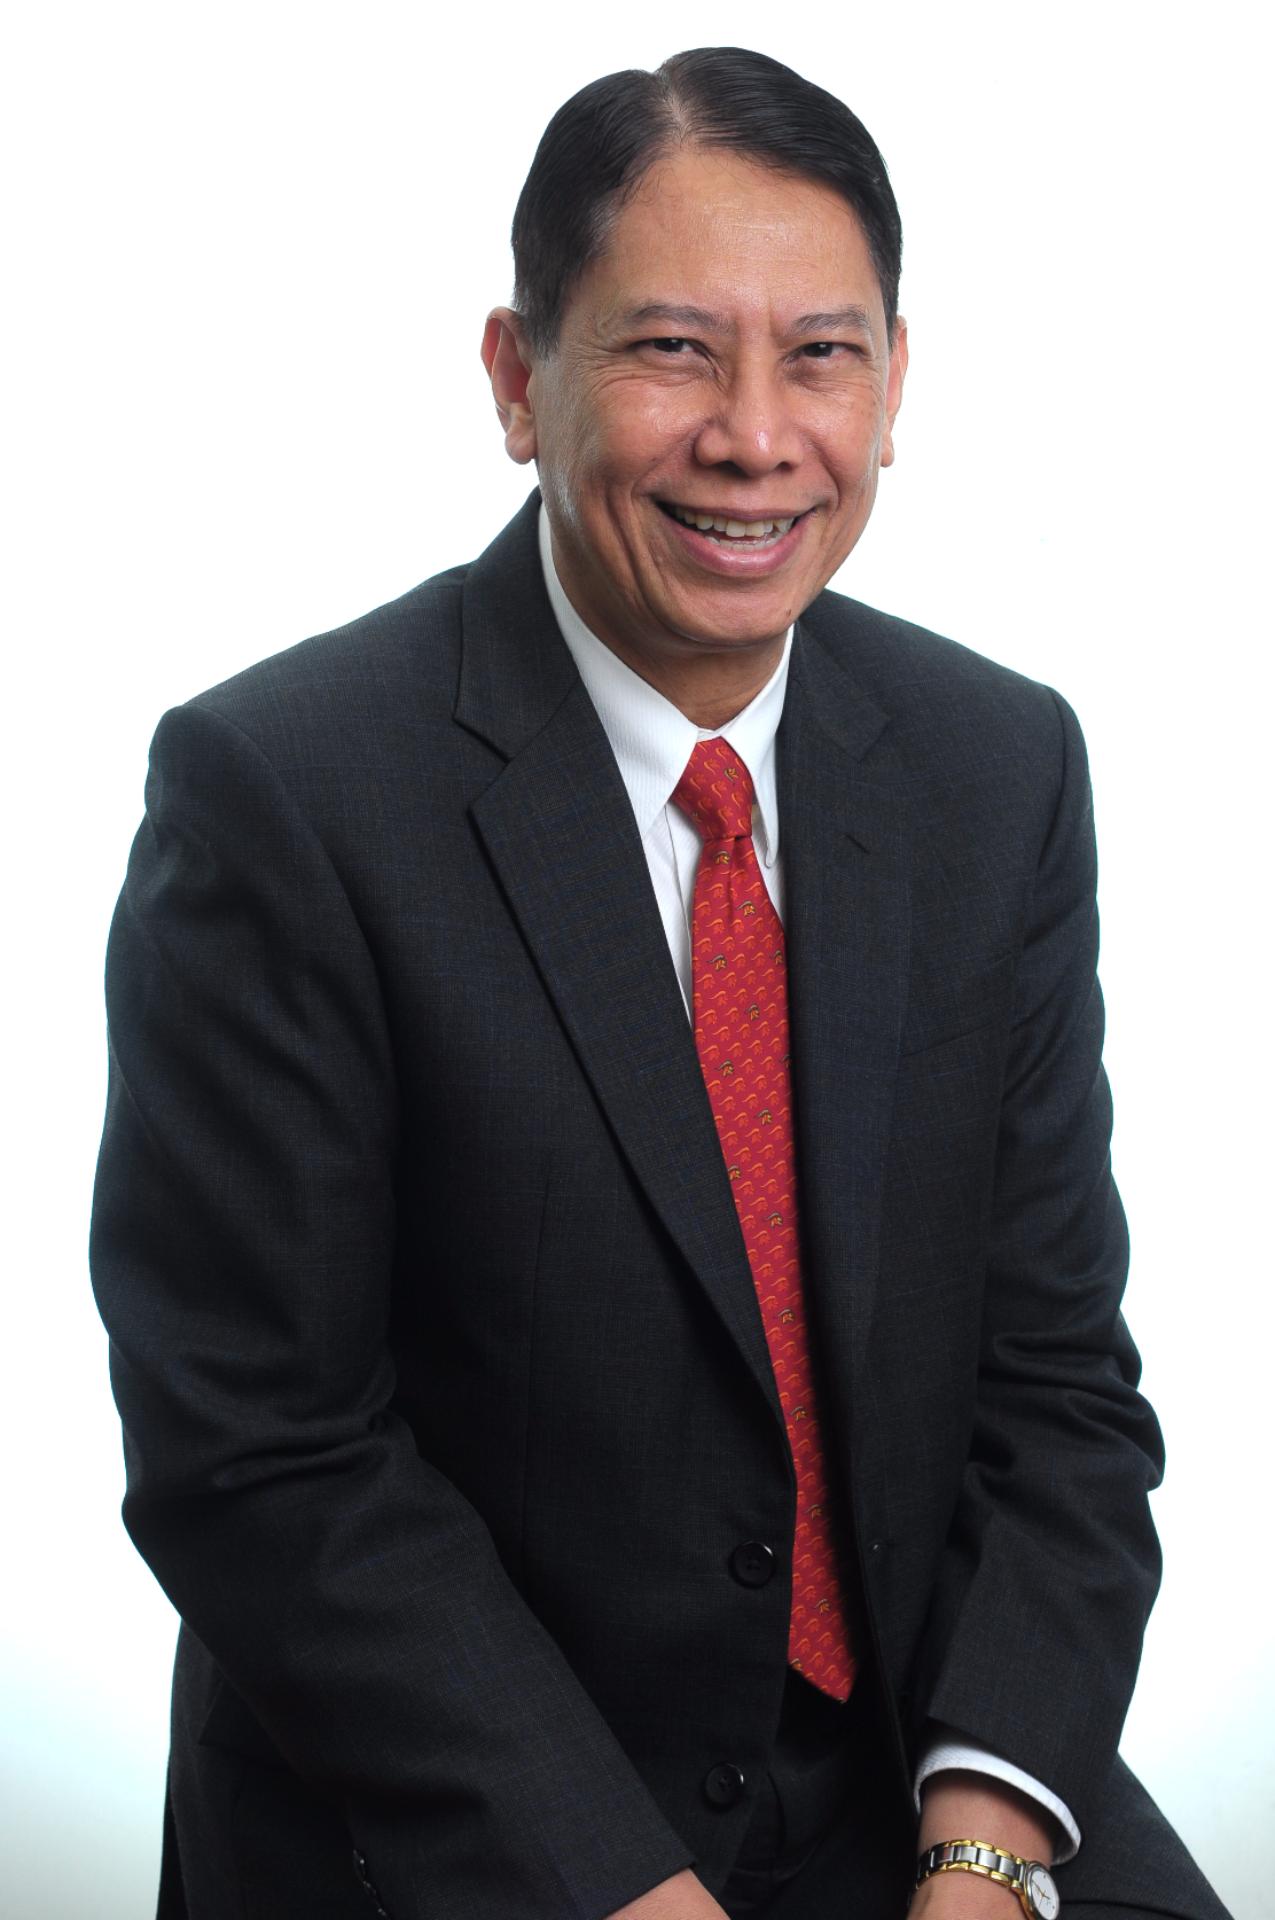 Dr. Thomas G. Aquino